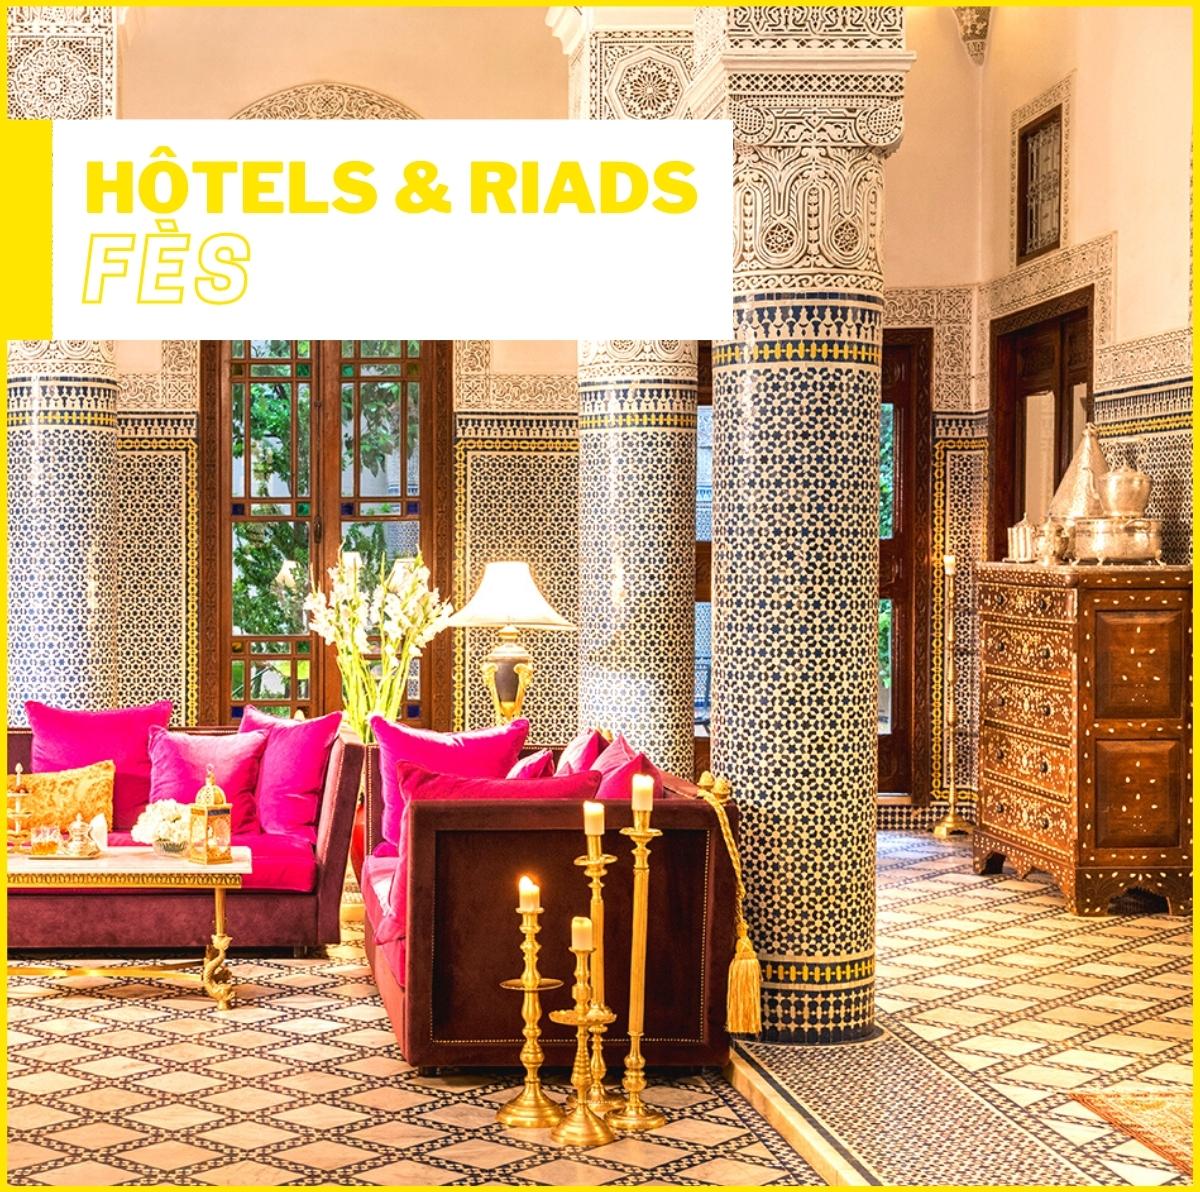 Hôtels et Riads à Fès